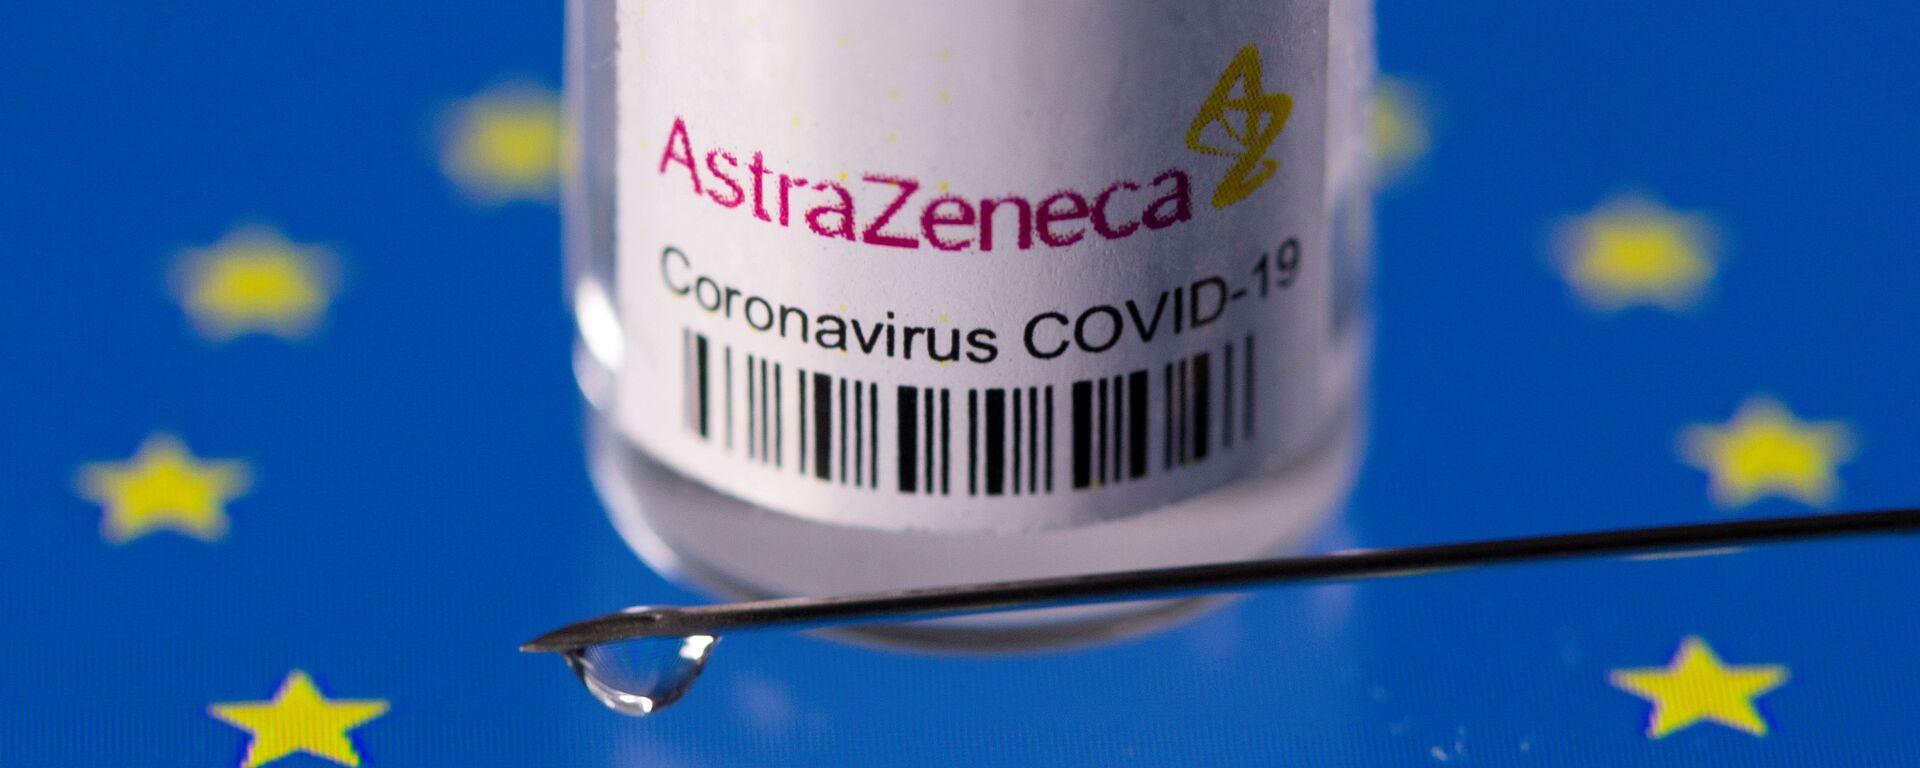 Il vaccino AstraZeneca - Sputnik Italia, 1920, 22.04.2021